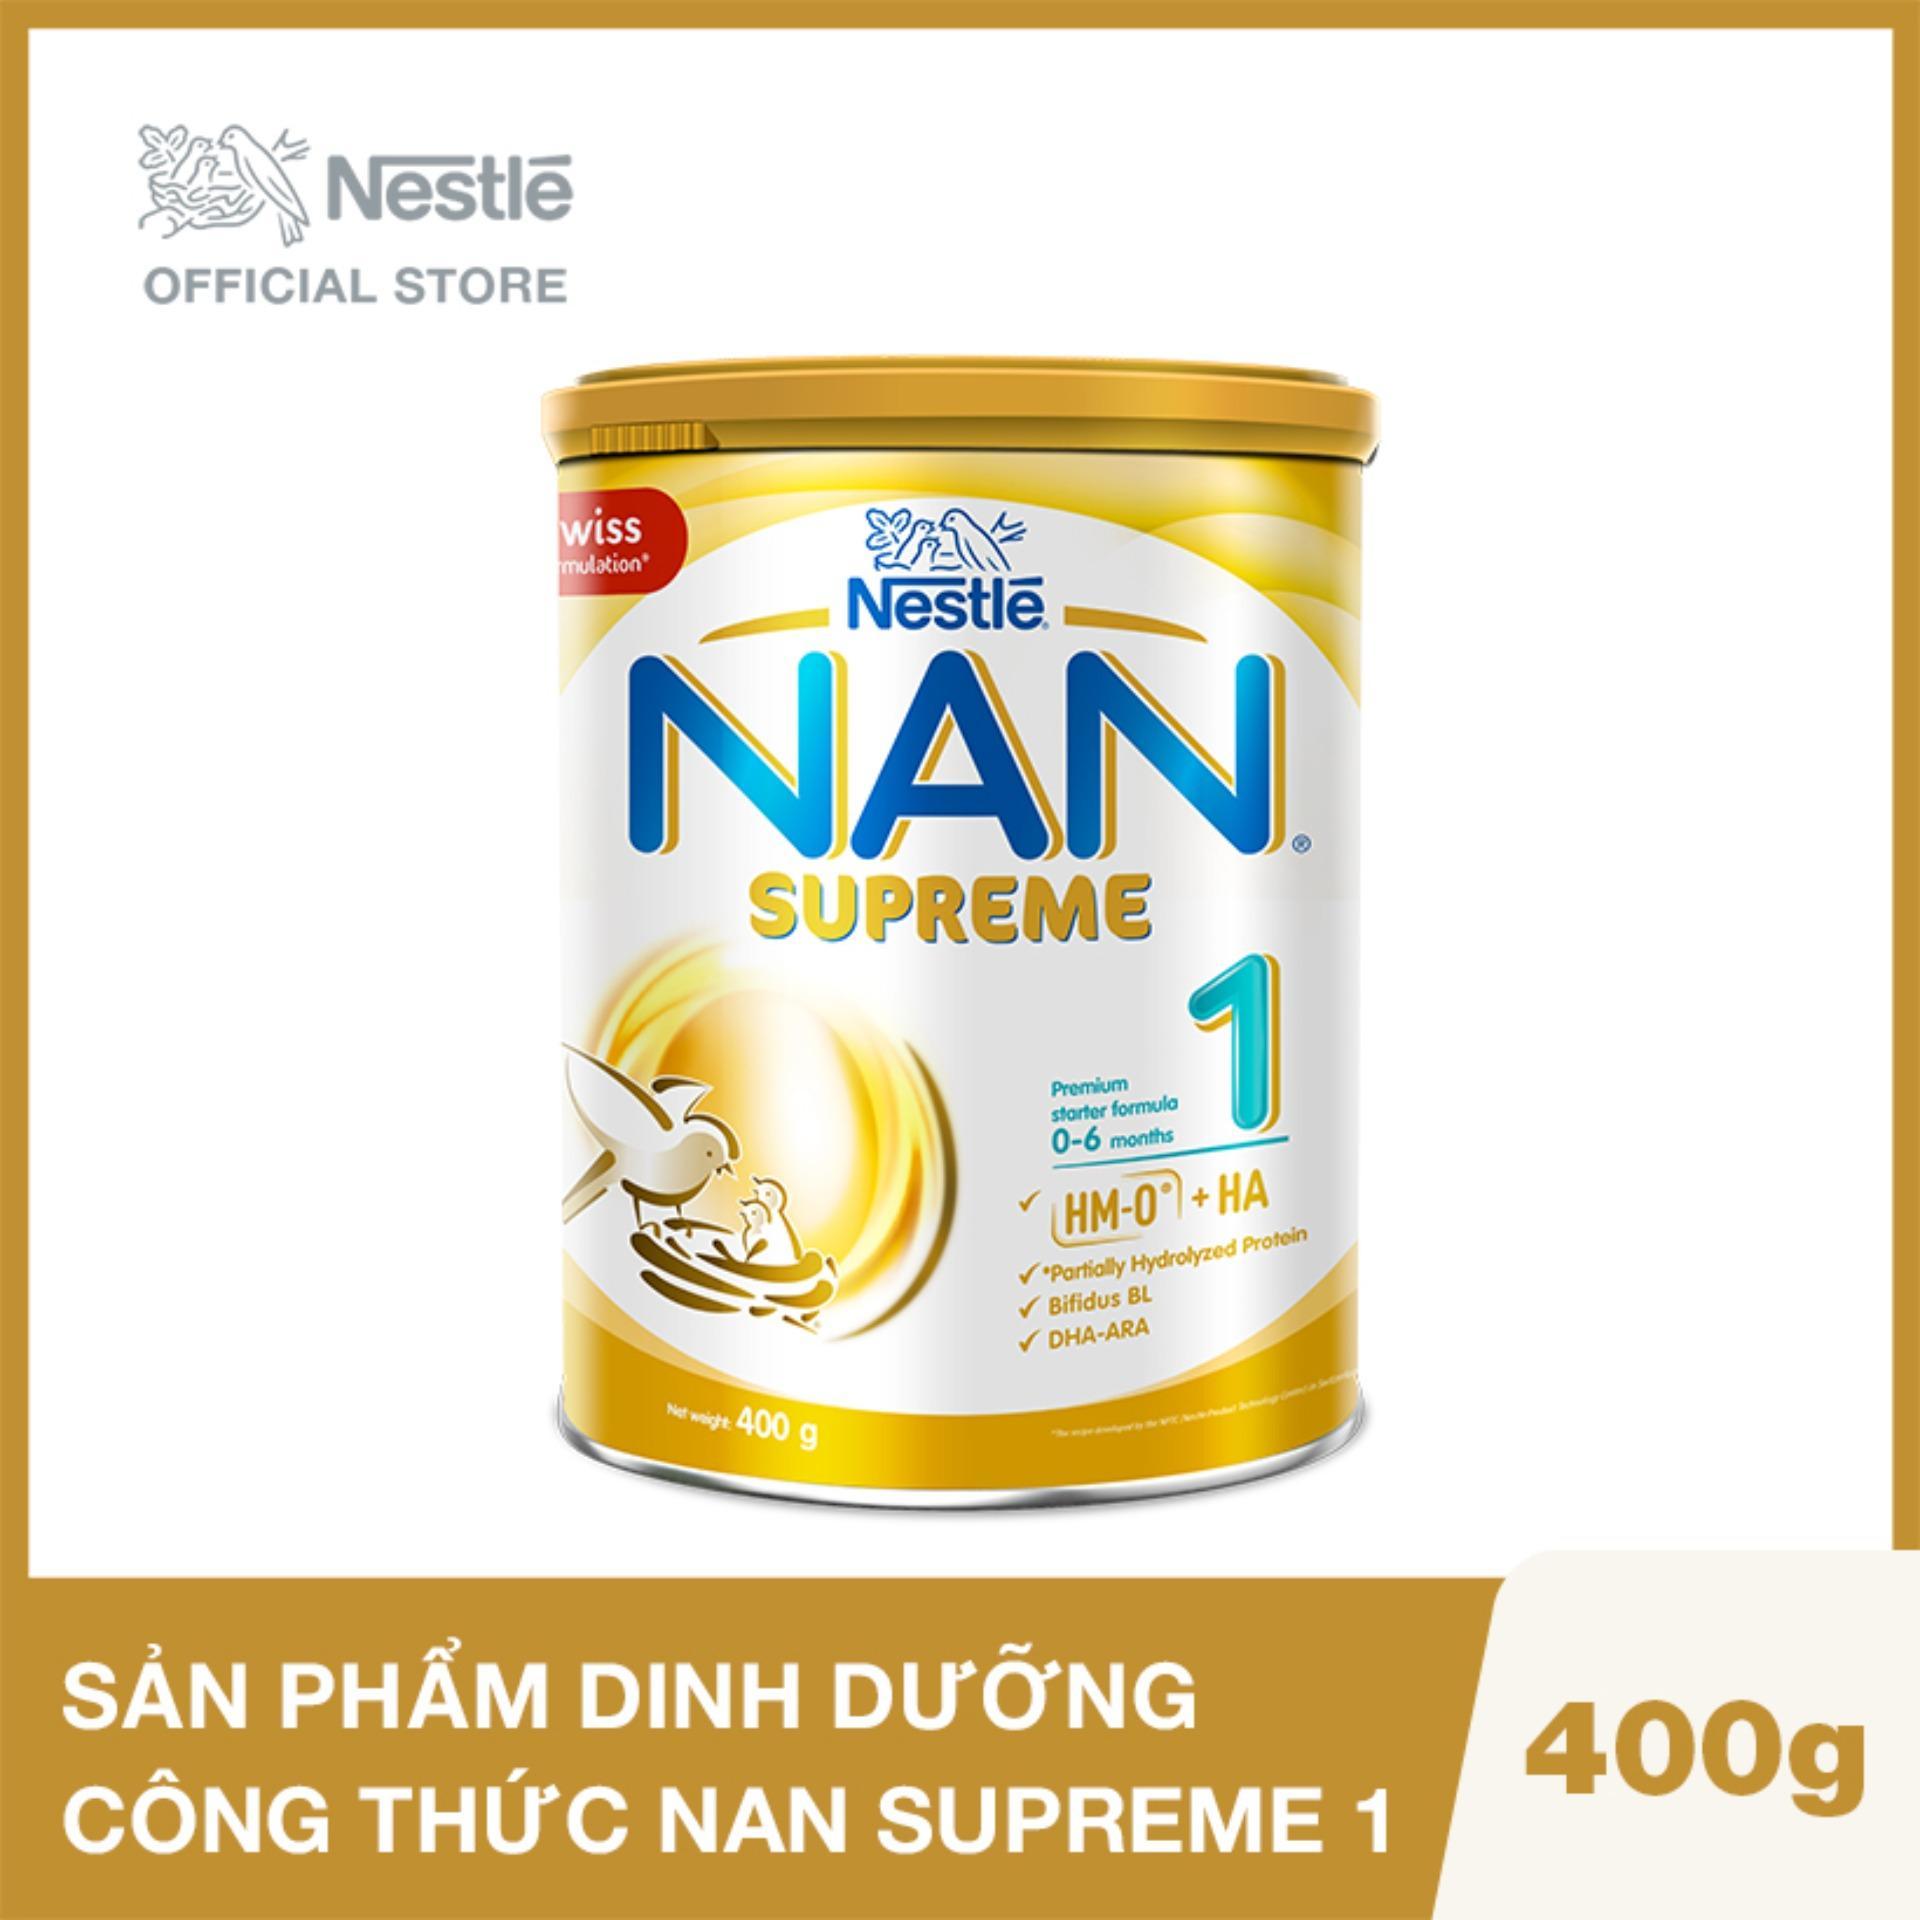 Sản phẩm dinh dưỡng công thức NAN SUPREME 1 -...